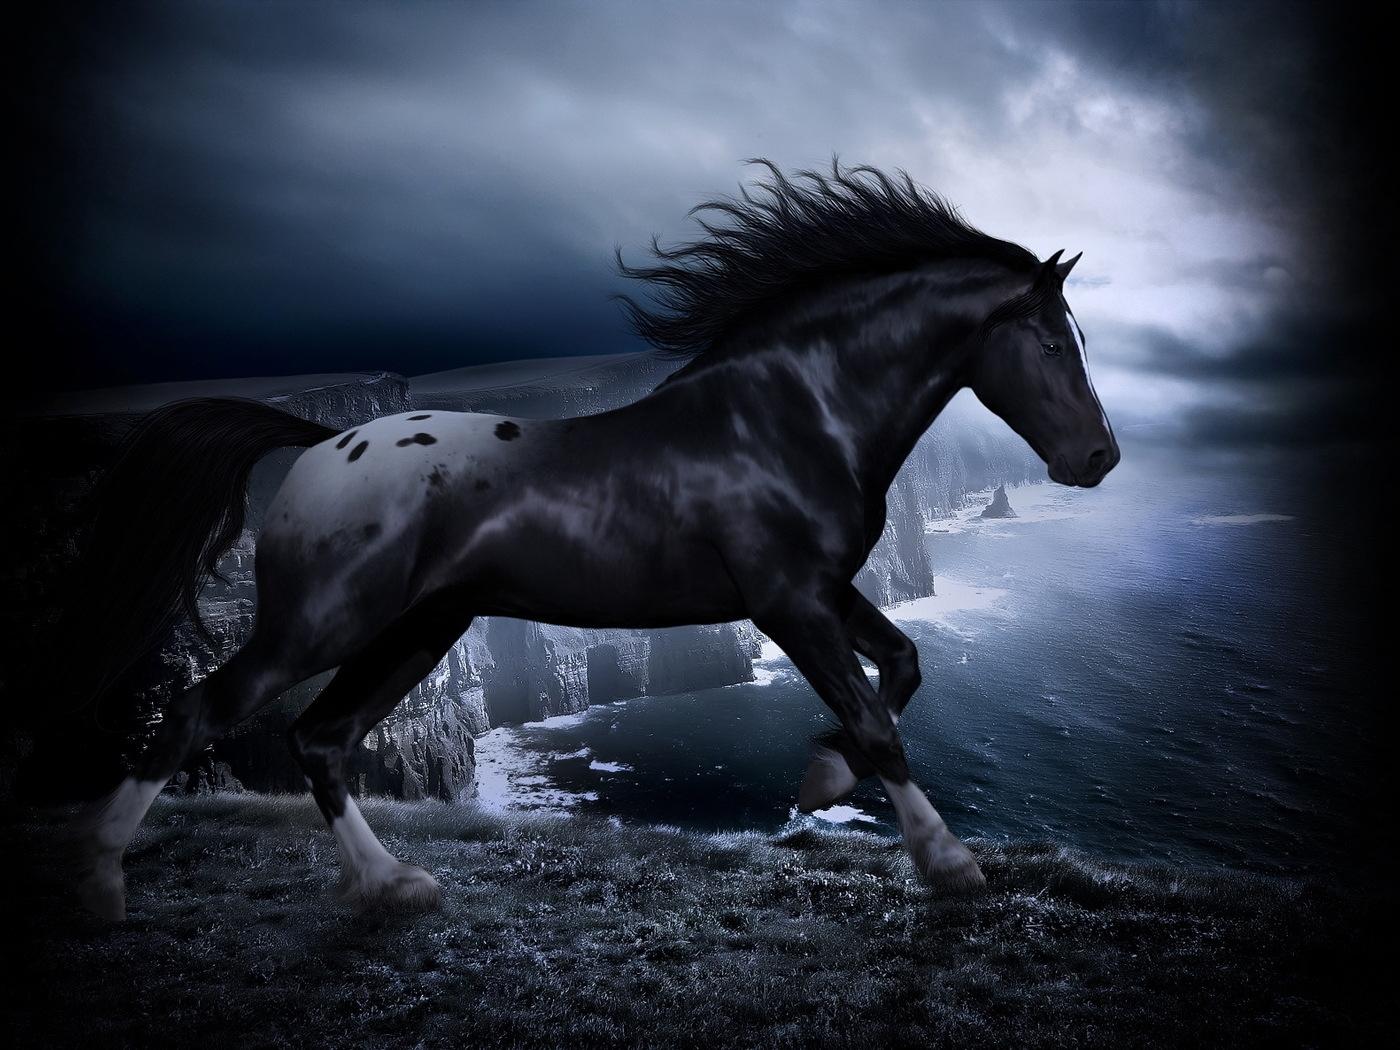 Laden Sie das kostenlose Hintergrundbild 27629: Tiere, Pferde Hintergrundbild für das Handy herunter